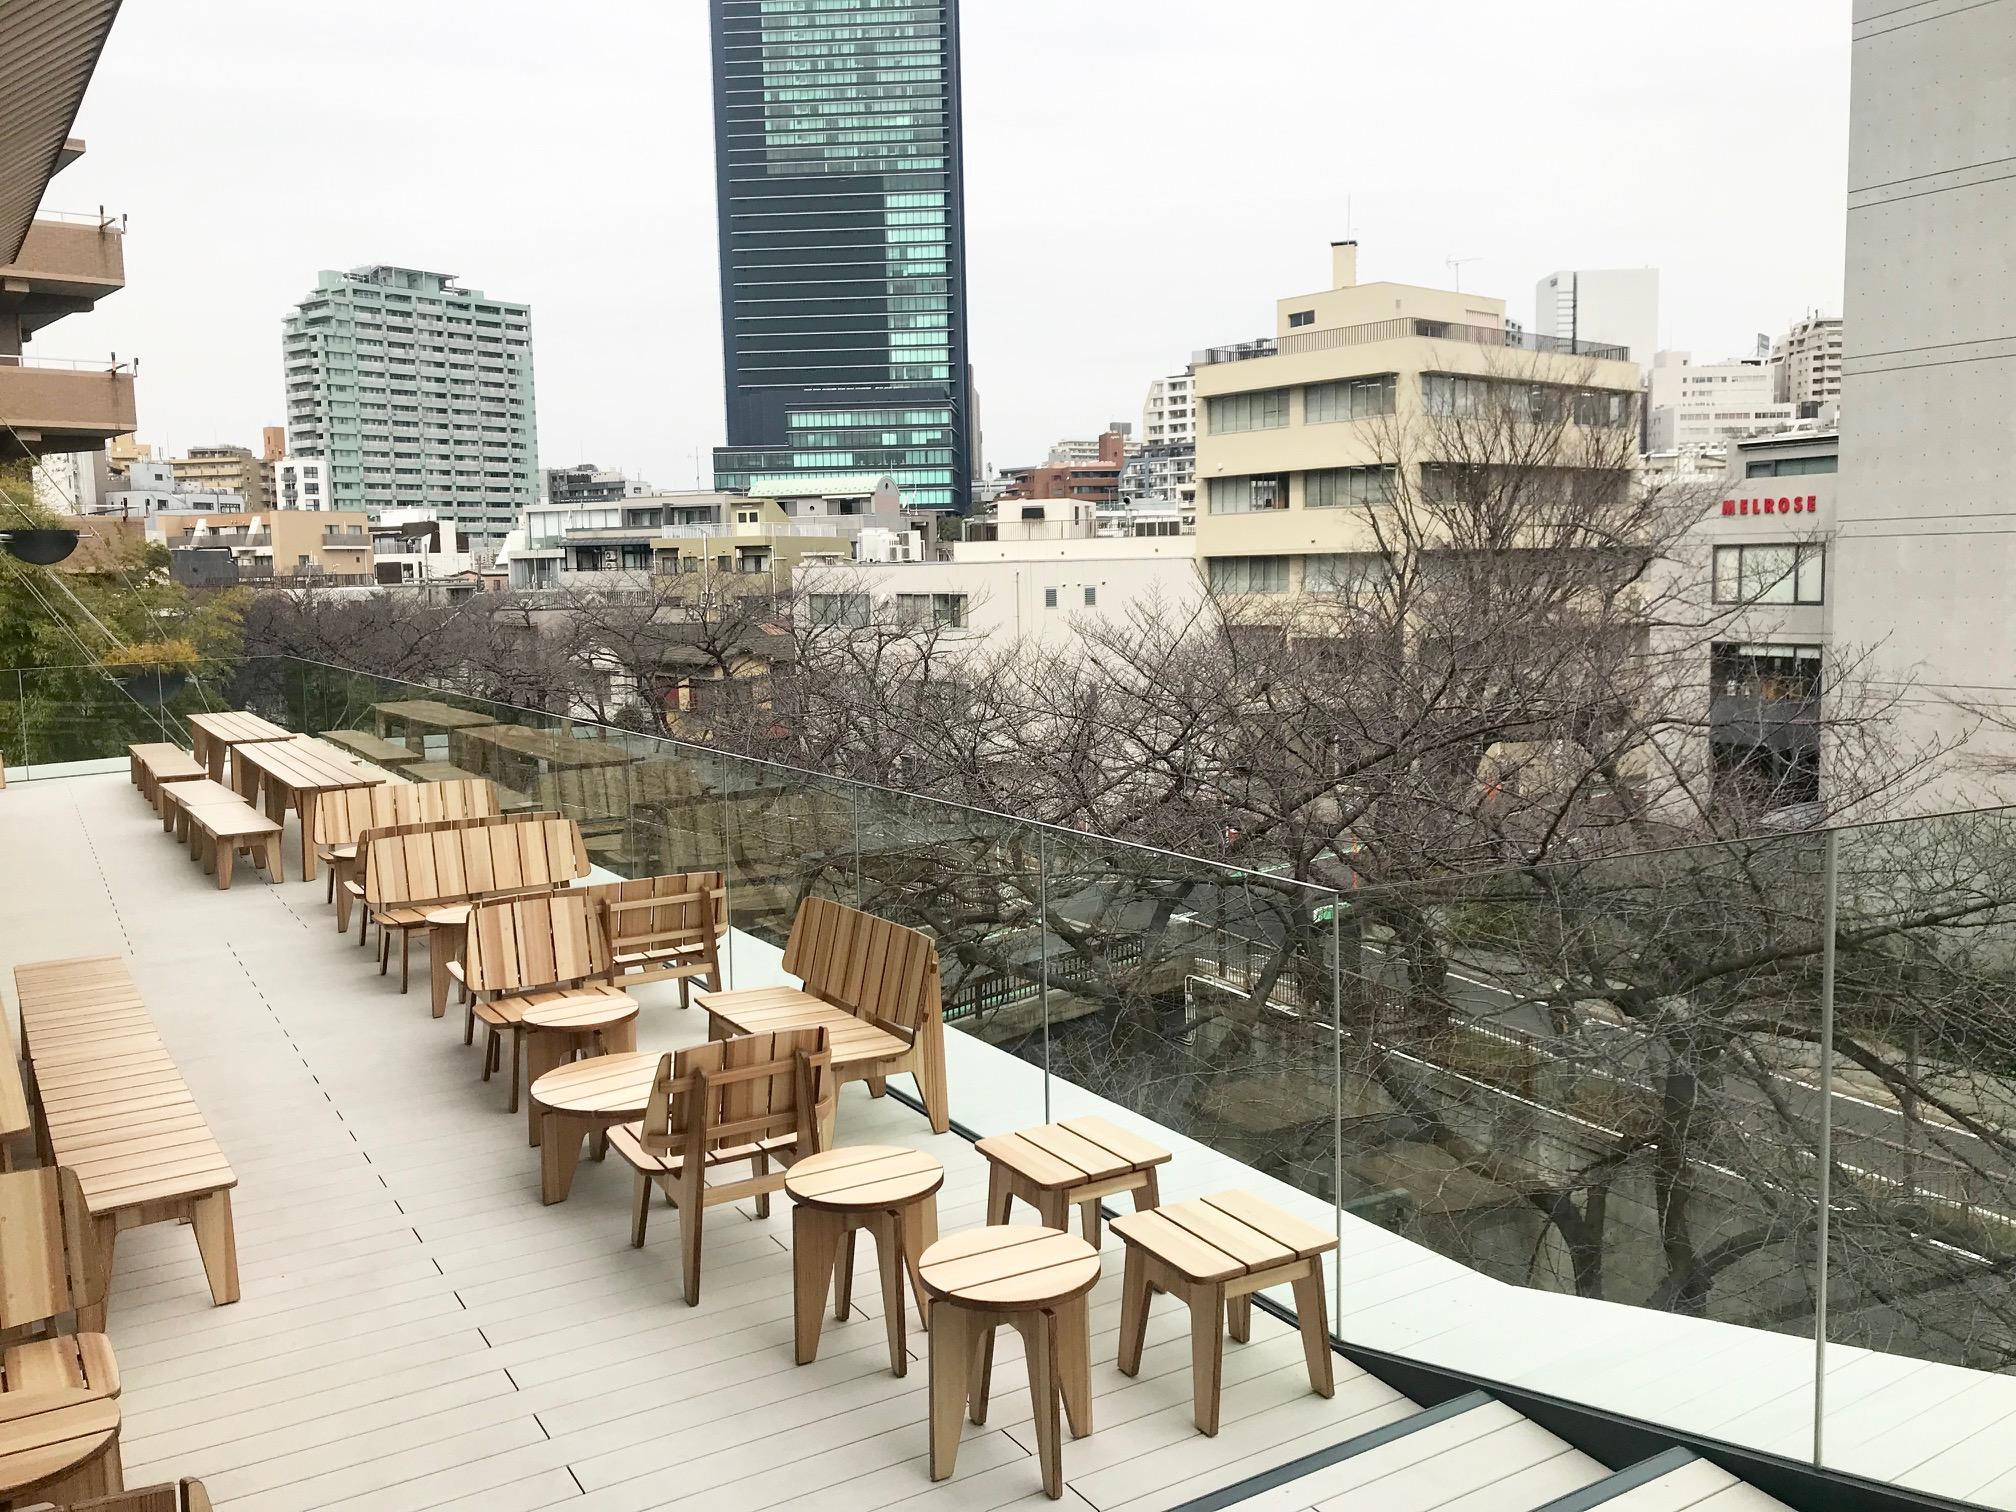 『スターバックス リザーブ ロースタリー 東京』の魅力全部見せ♡ フォトジェニックで全てが新しいスタバの世界をご堪能あれ!!_11